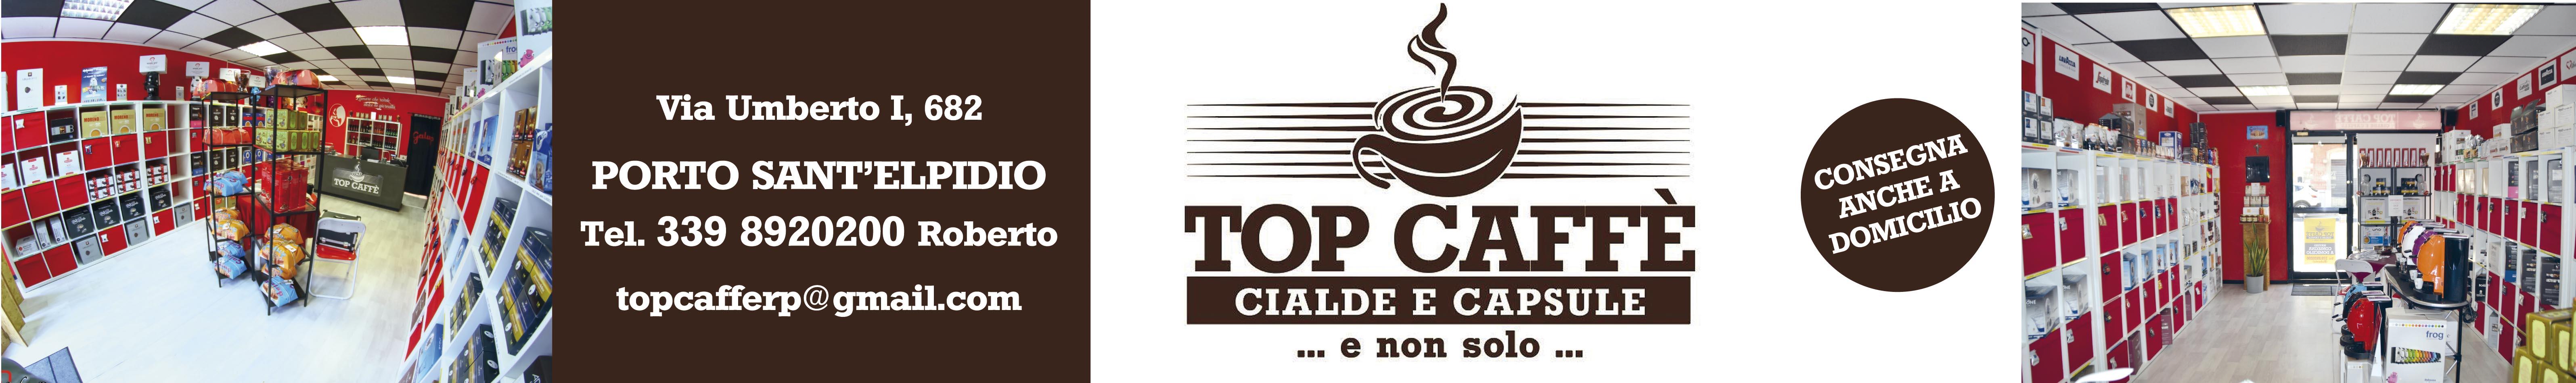 Top caffè - Luglio 2019